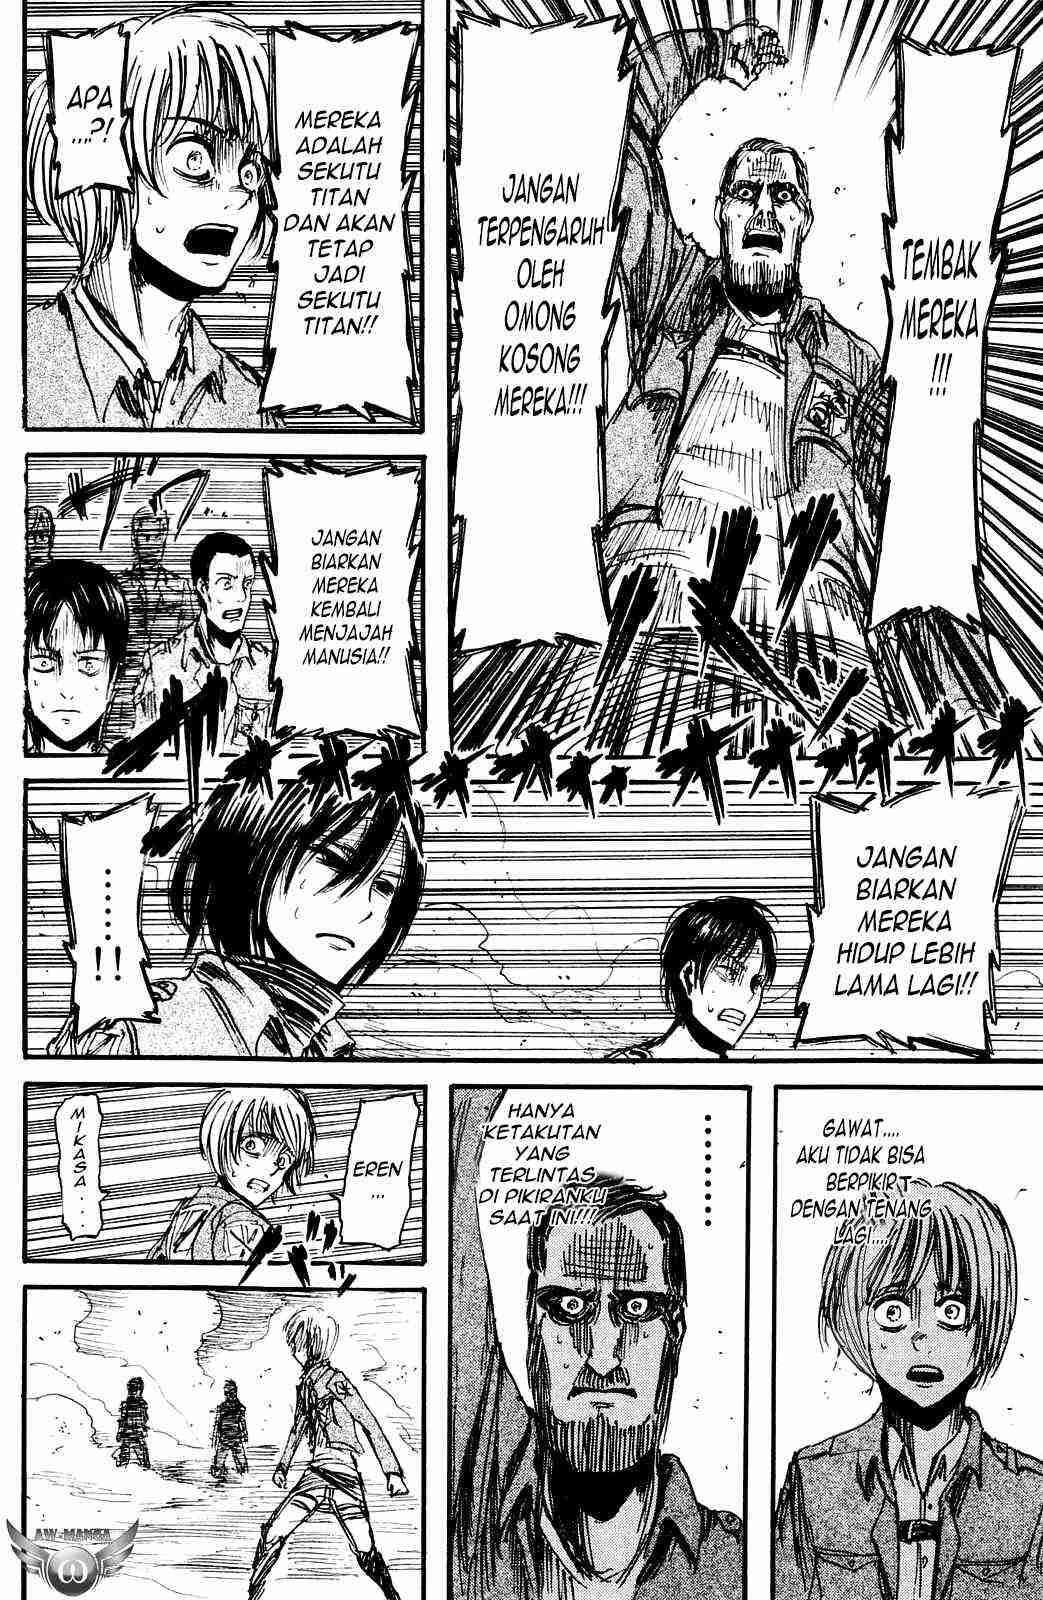 Komik shingeki no kyojin 011 12 Indonesia shingeki no kyojin 011 Terbaru 38 Baca Manga Komik Indonesia 